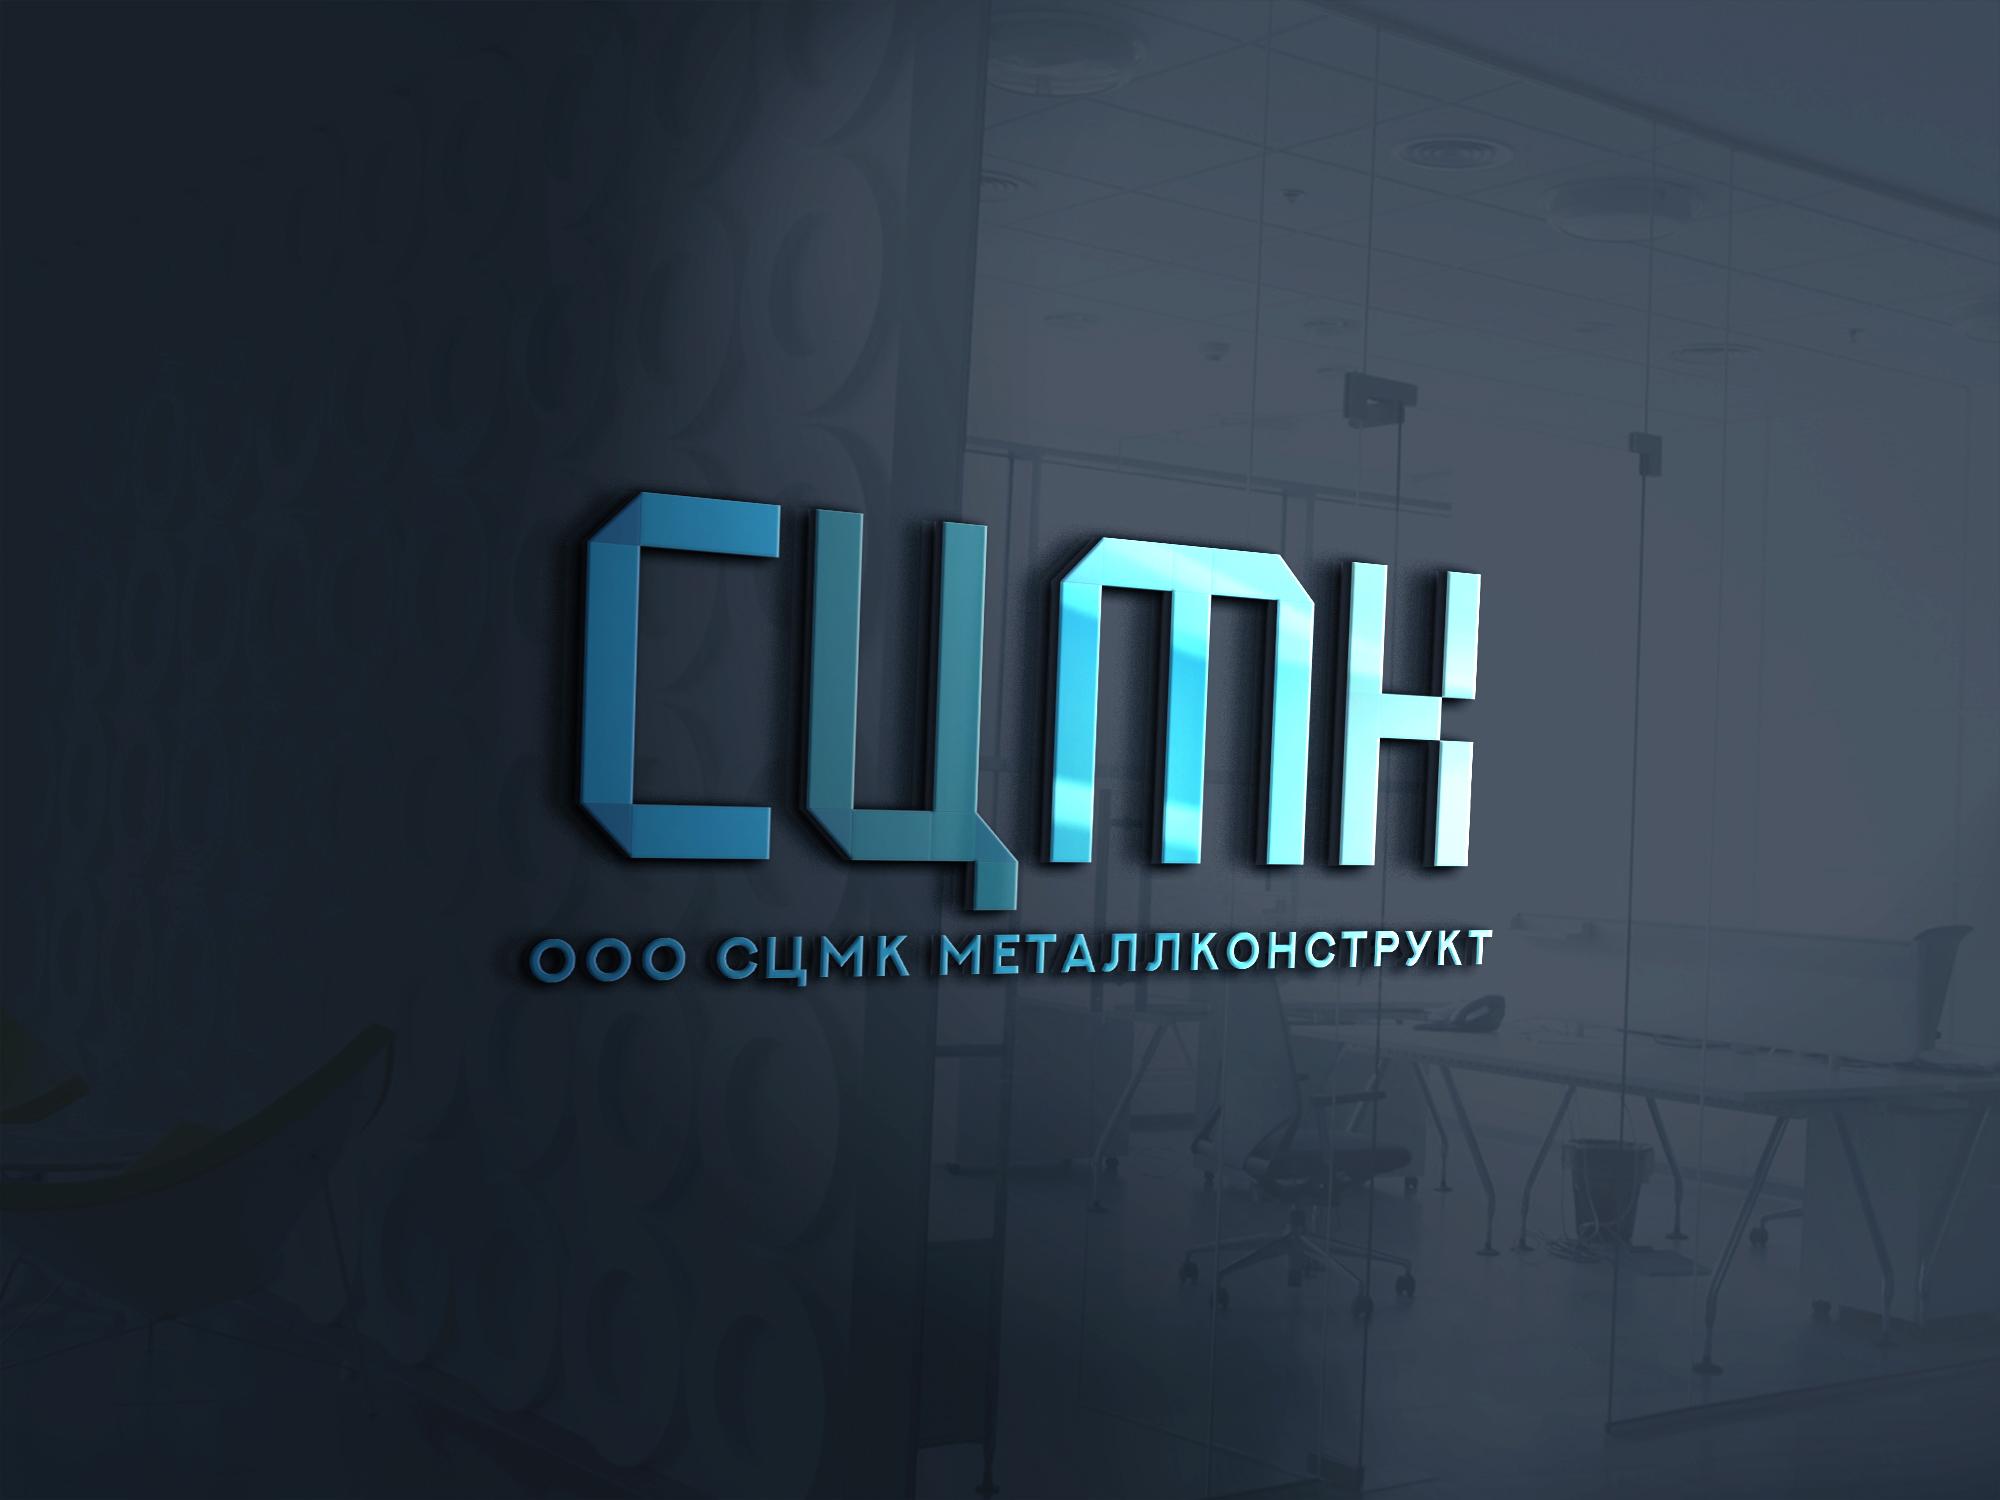 Разработка логотипа и фирменного стиля фото f_3625ad638f71d773.jpg